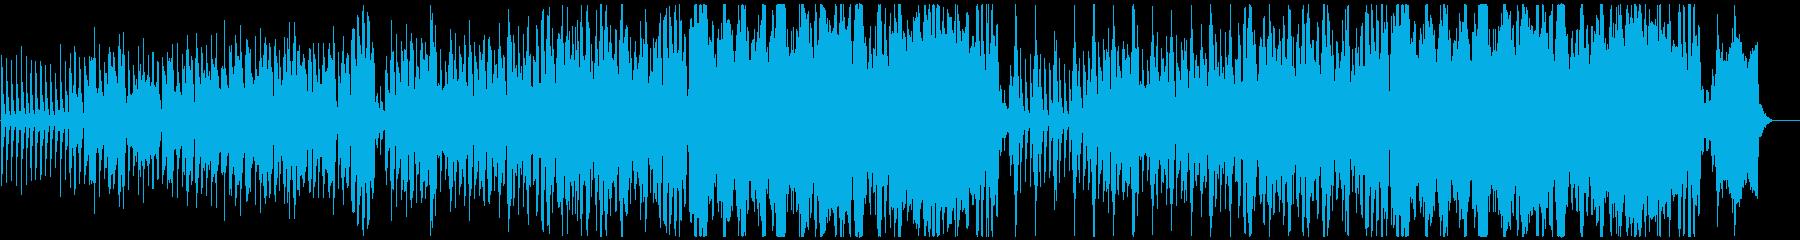 軽やかで暖かみのあるクリスマスBGMの再生済みの波形